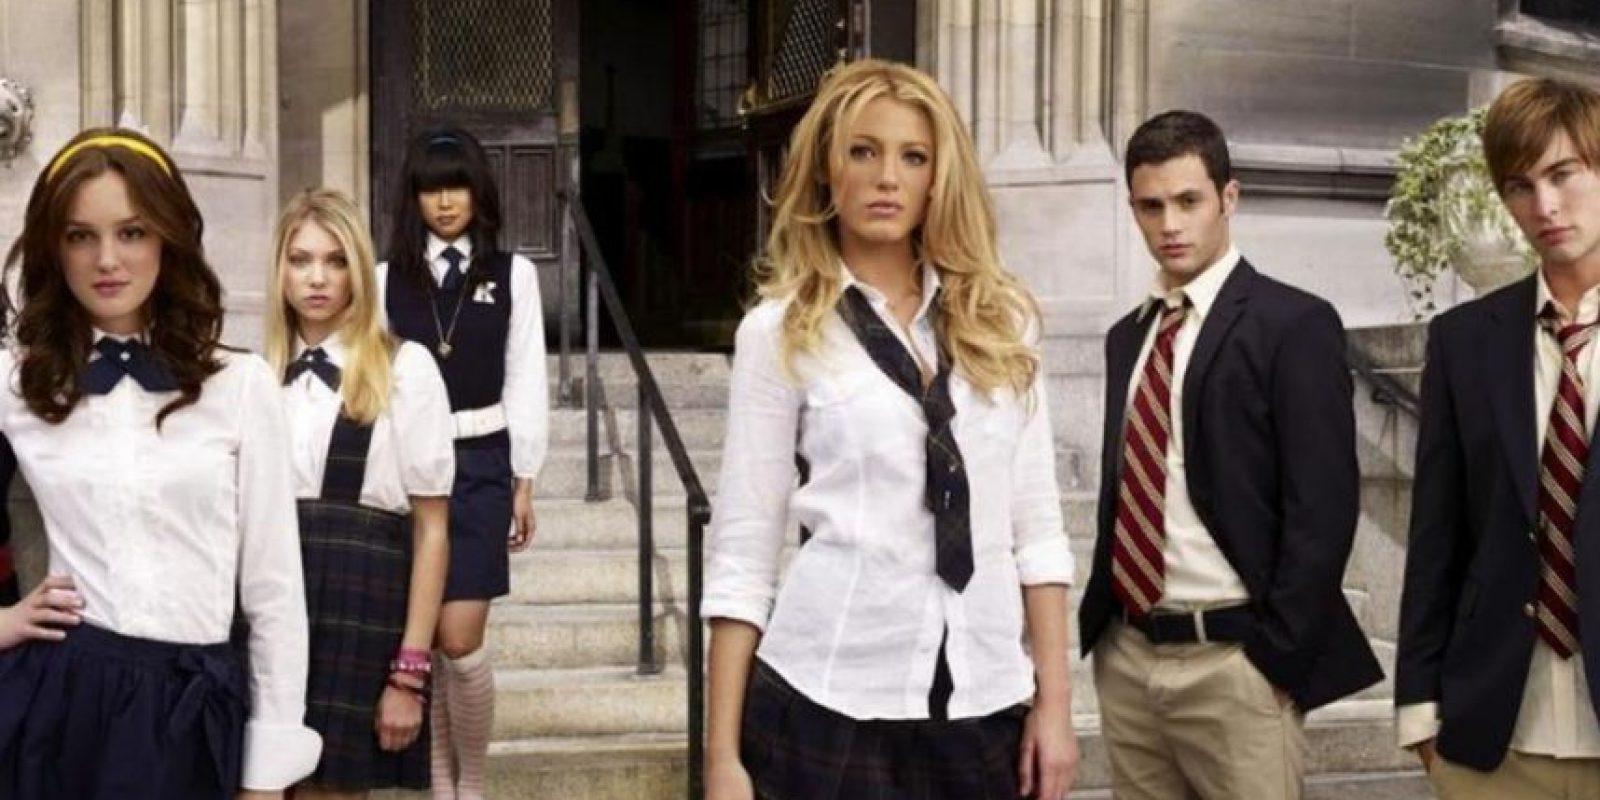 """La serie duró cinco años, de 2007 hasta 2012. Mostraba las andanzas de los niños ricos del Upper East Side en Manhattan. Todo lo documentaba la misteriosa bloguer """"Gossip Girl"""". Foto:vía The CW"""